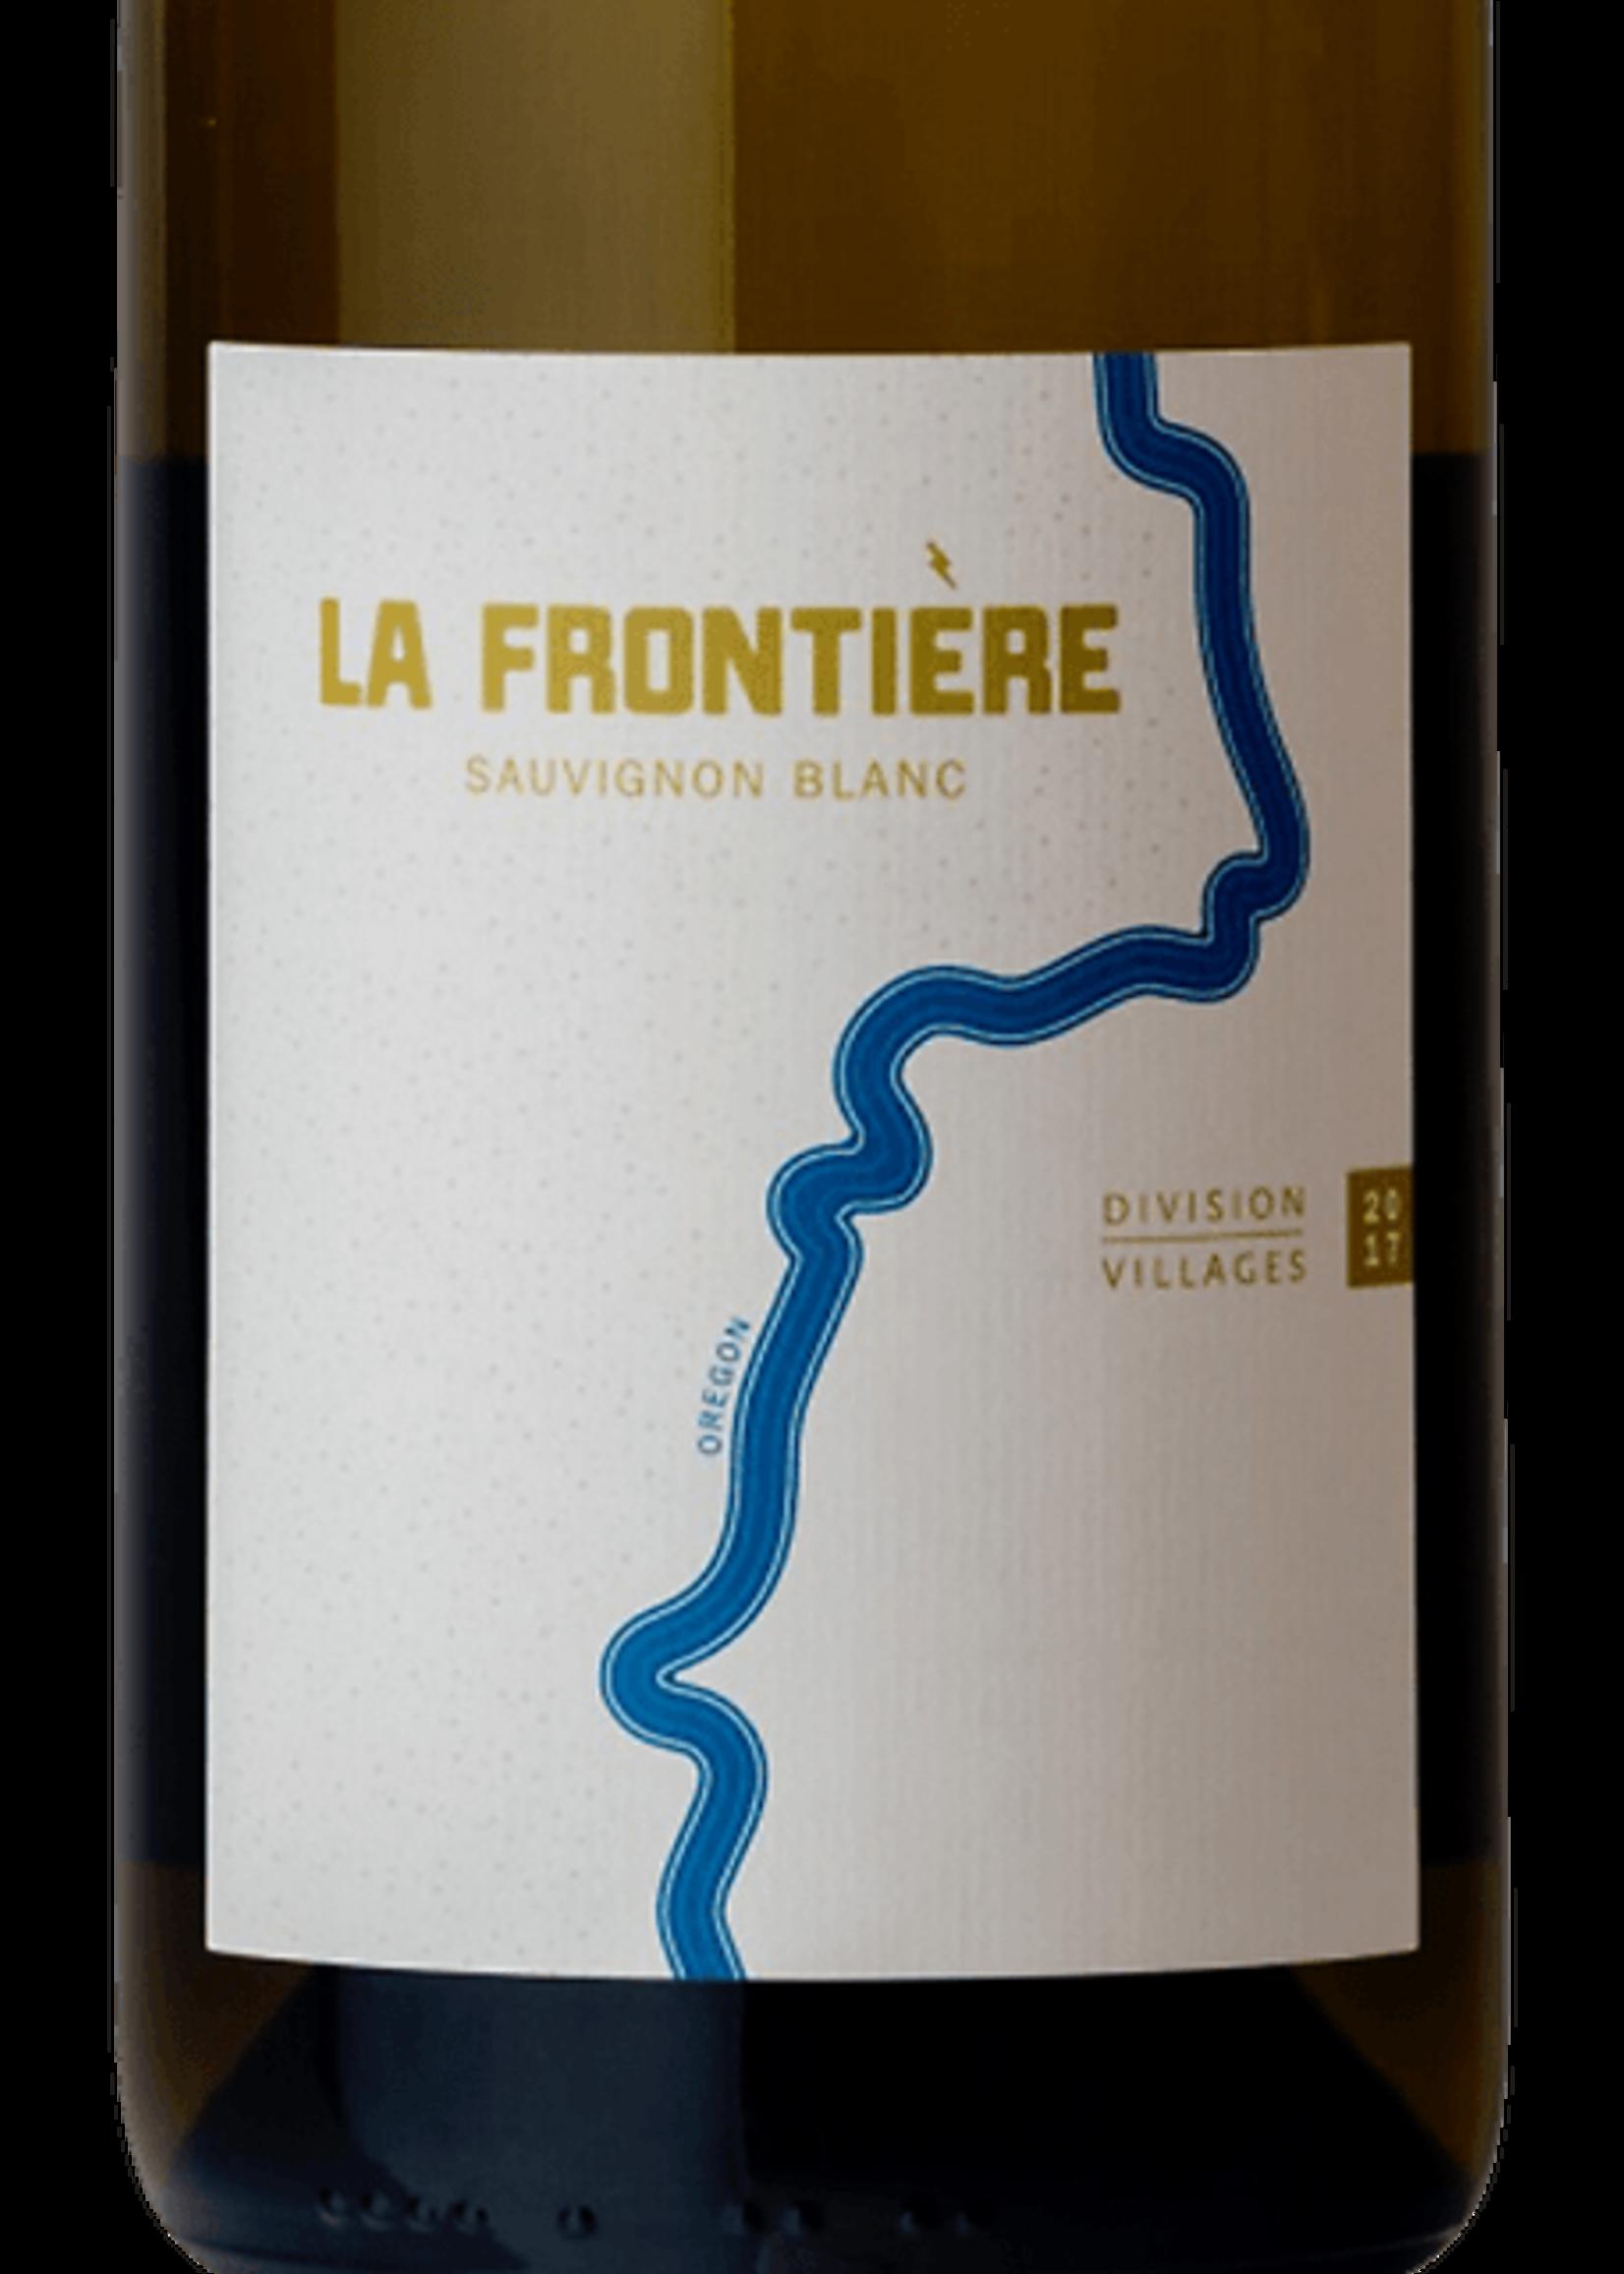 Division La Frontiere Sauvignon Blanc, OR